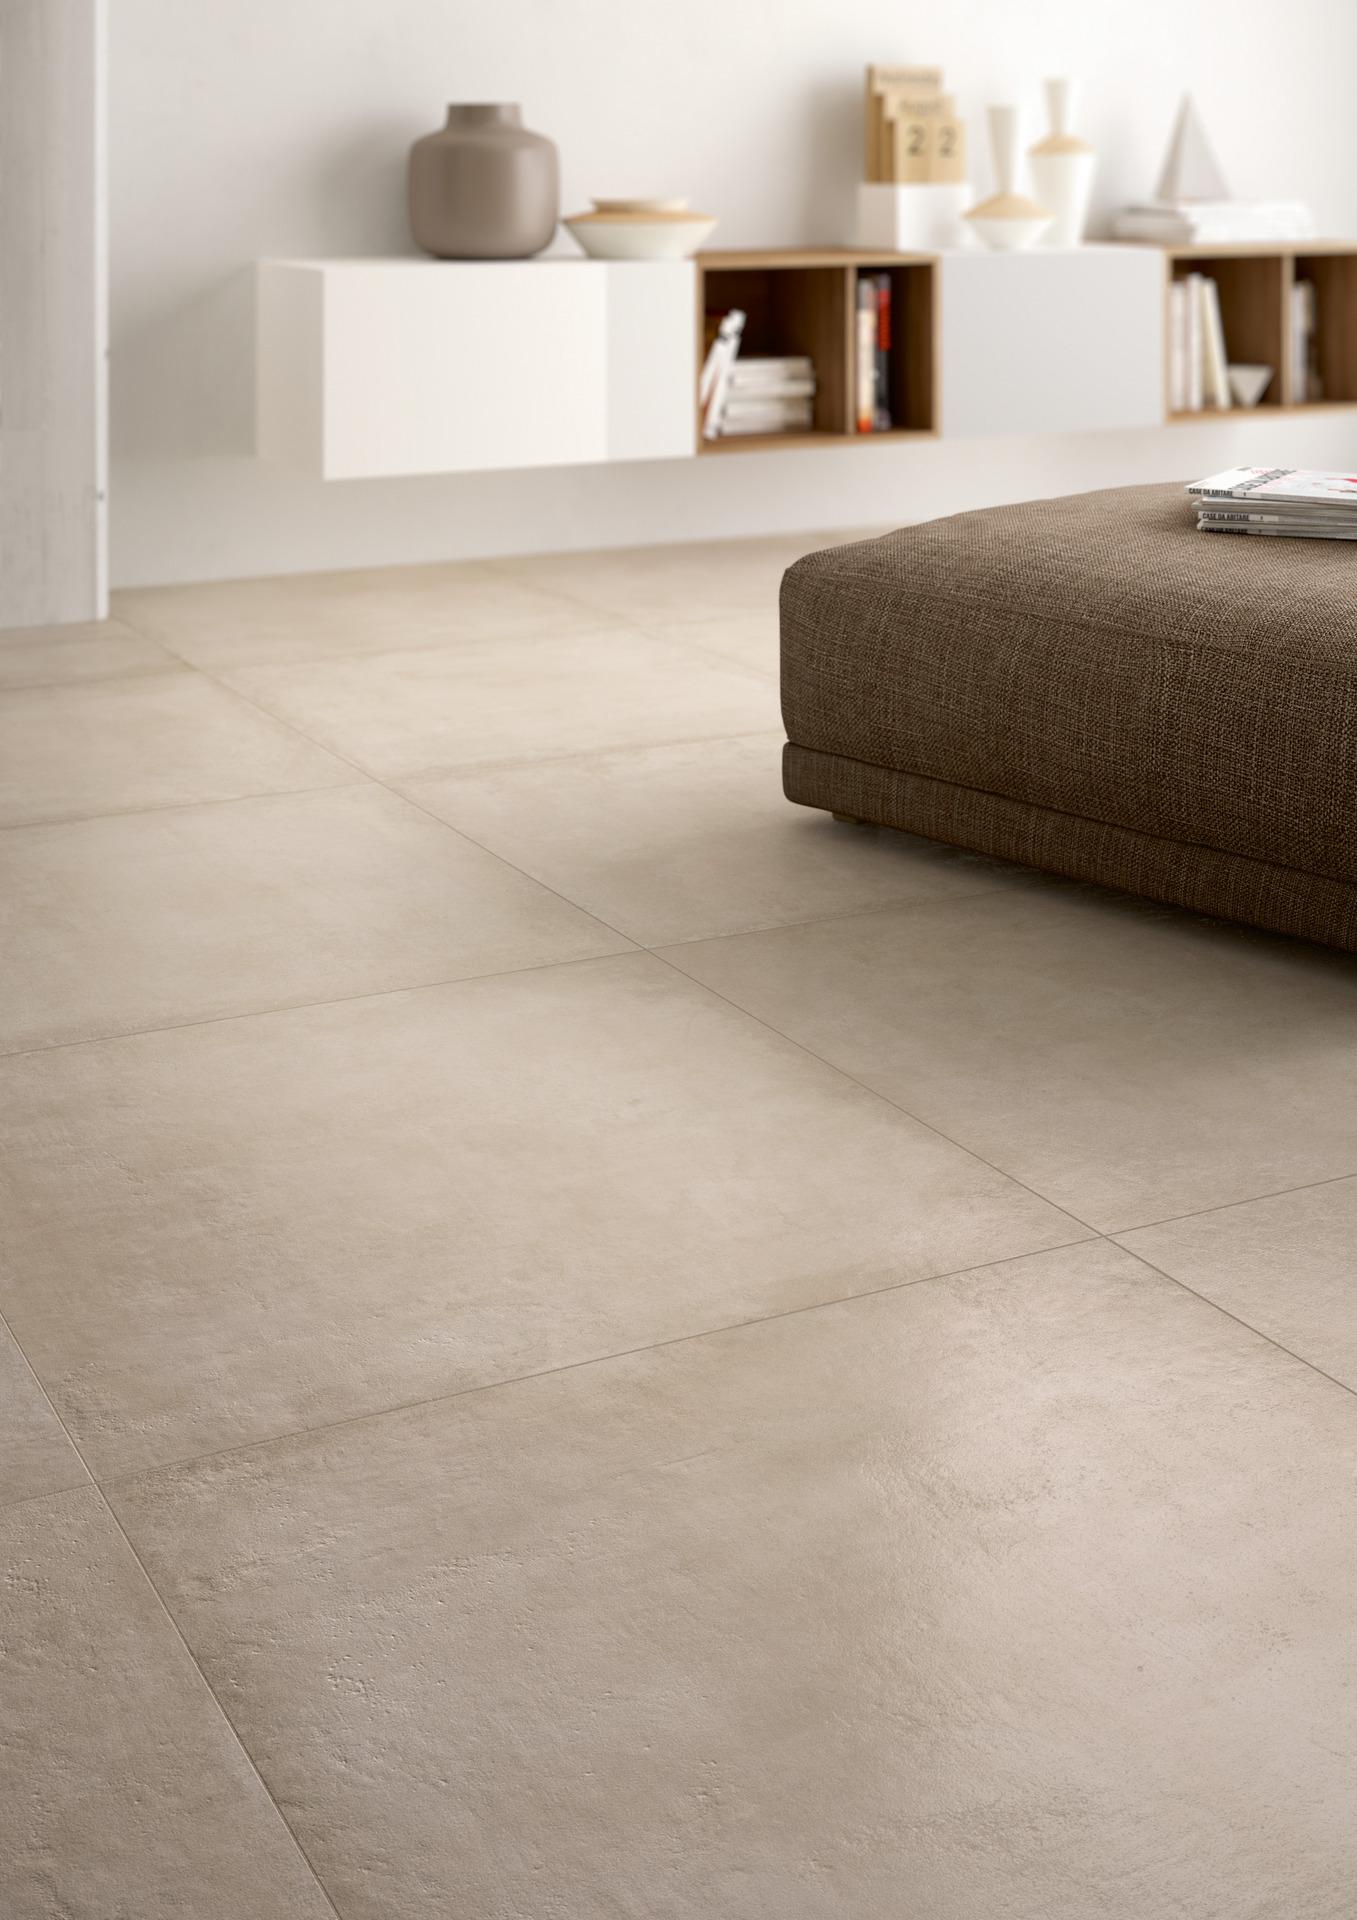 Clays gres porcellanato effetto cotto cemento marazzi for Marazzi carrelage